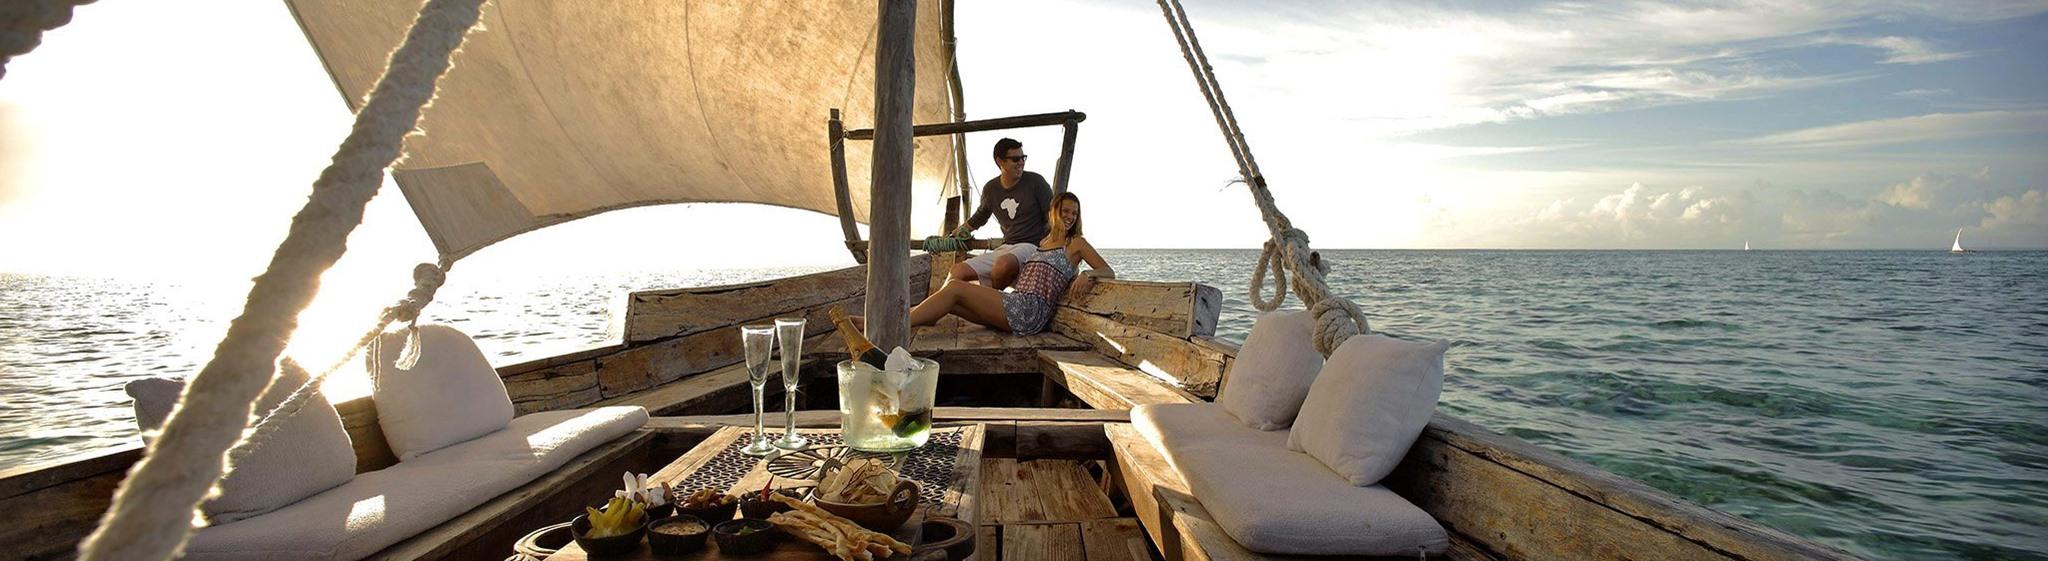 Safari Blue Sea Adventure - Safanta Tours & Travel Company Limited